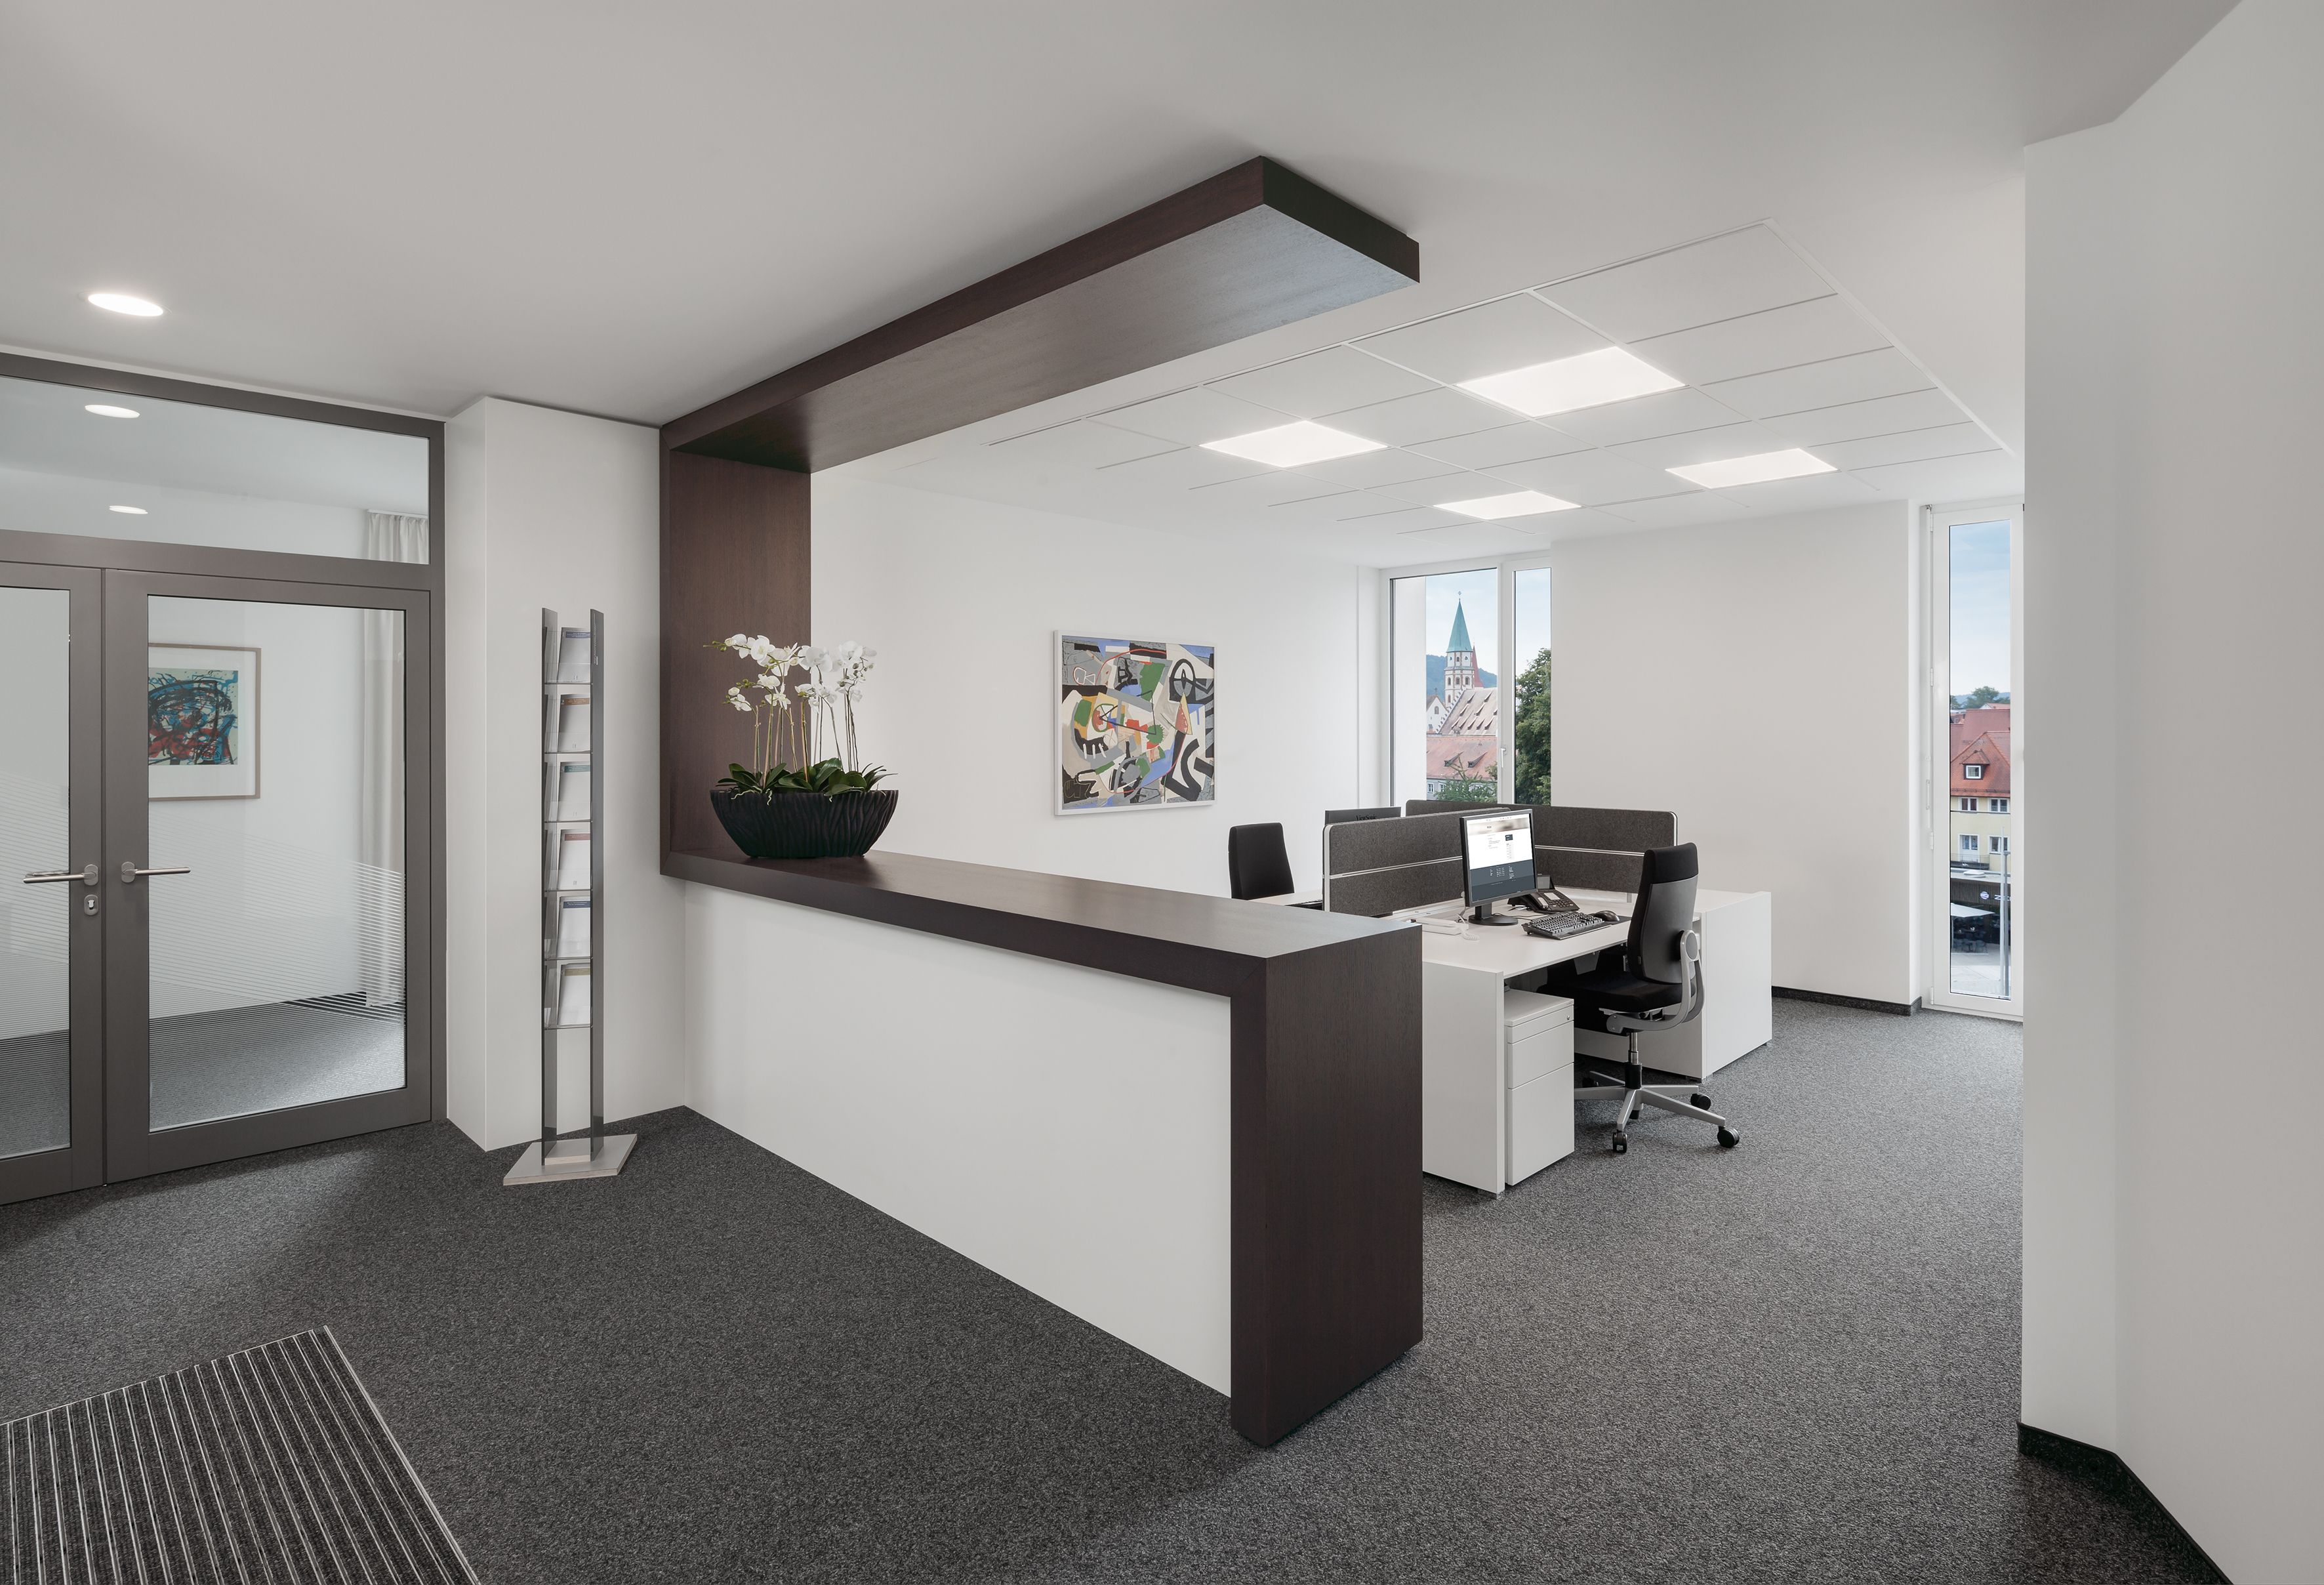 Ergonomischer bürostuhl holz  Theke, Rezeption, Empfangsbereich, Beleuchtung, Schreibtisch ...